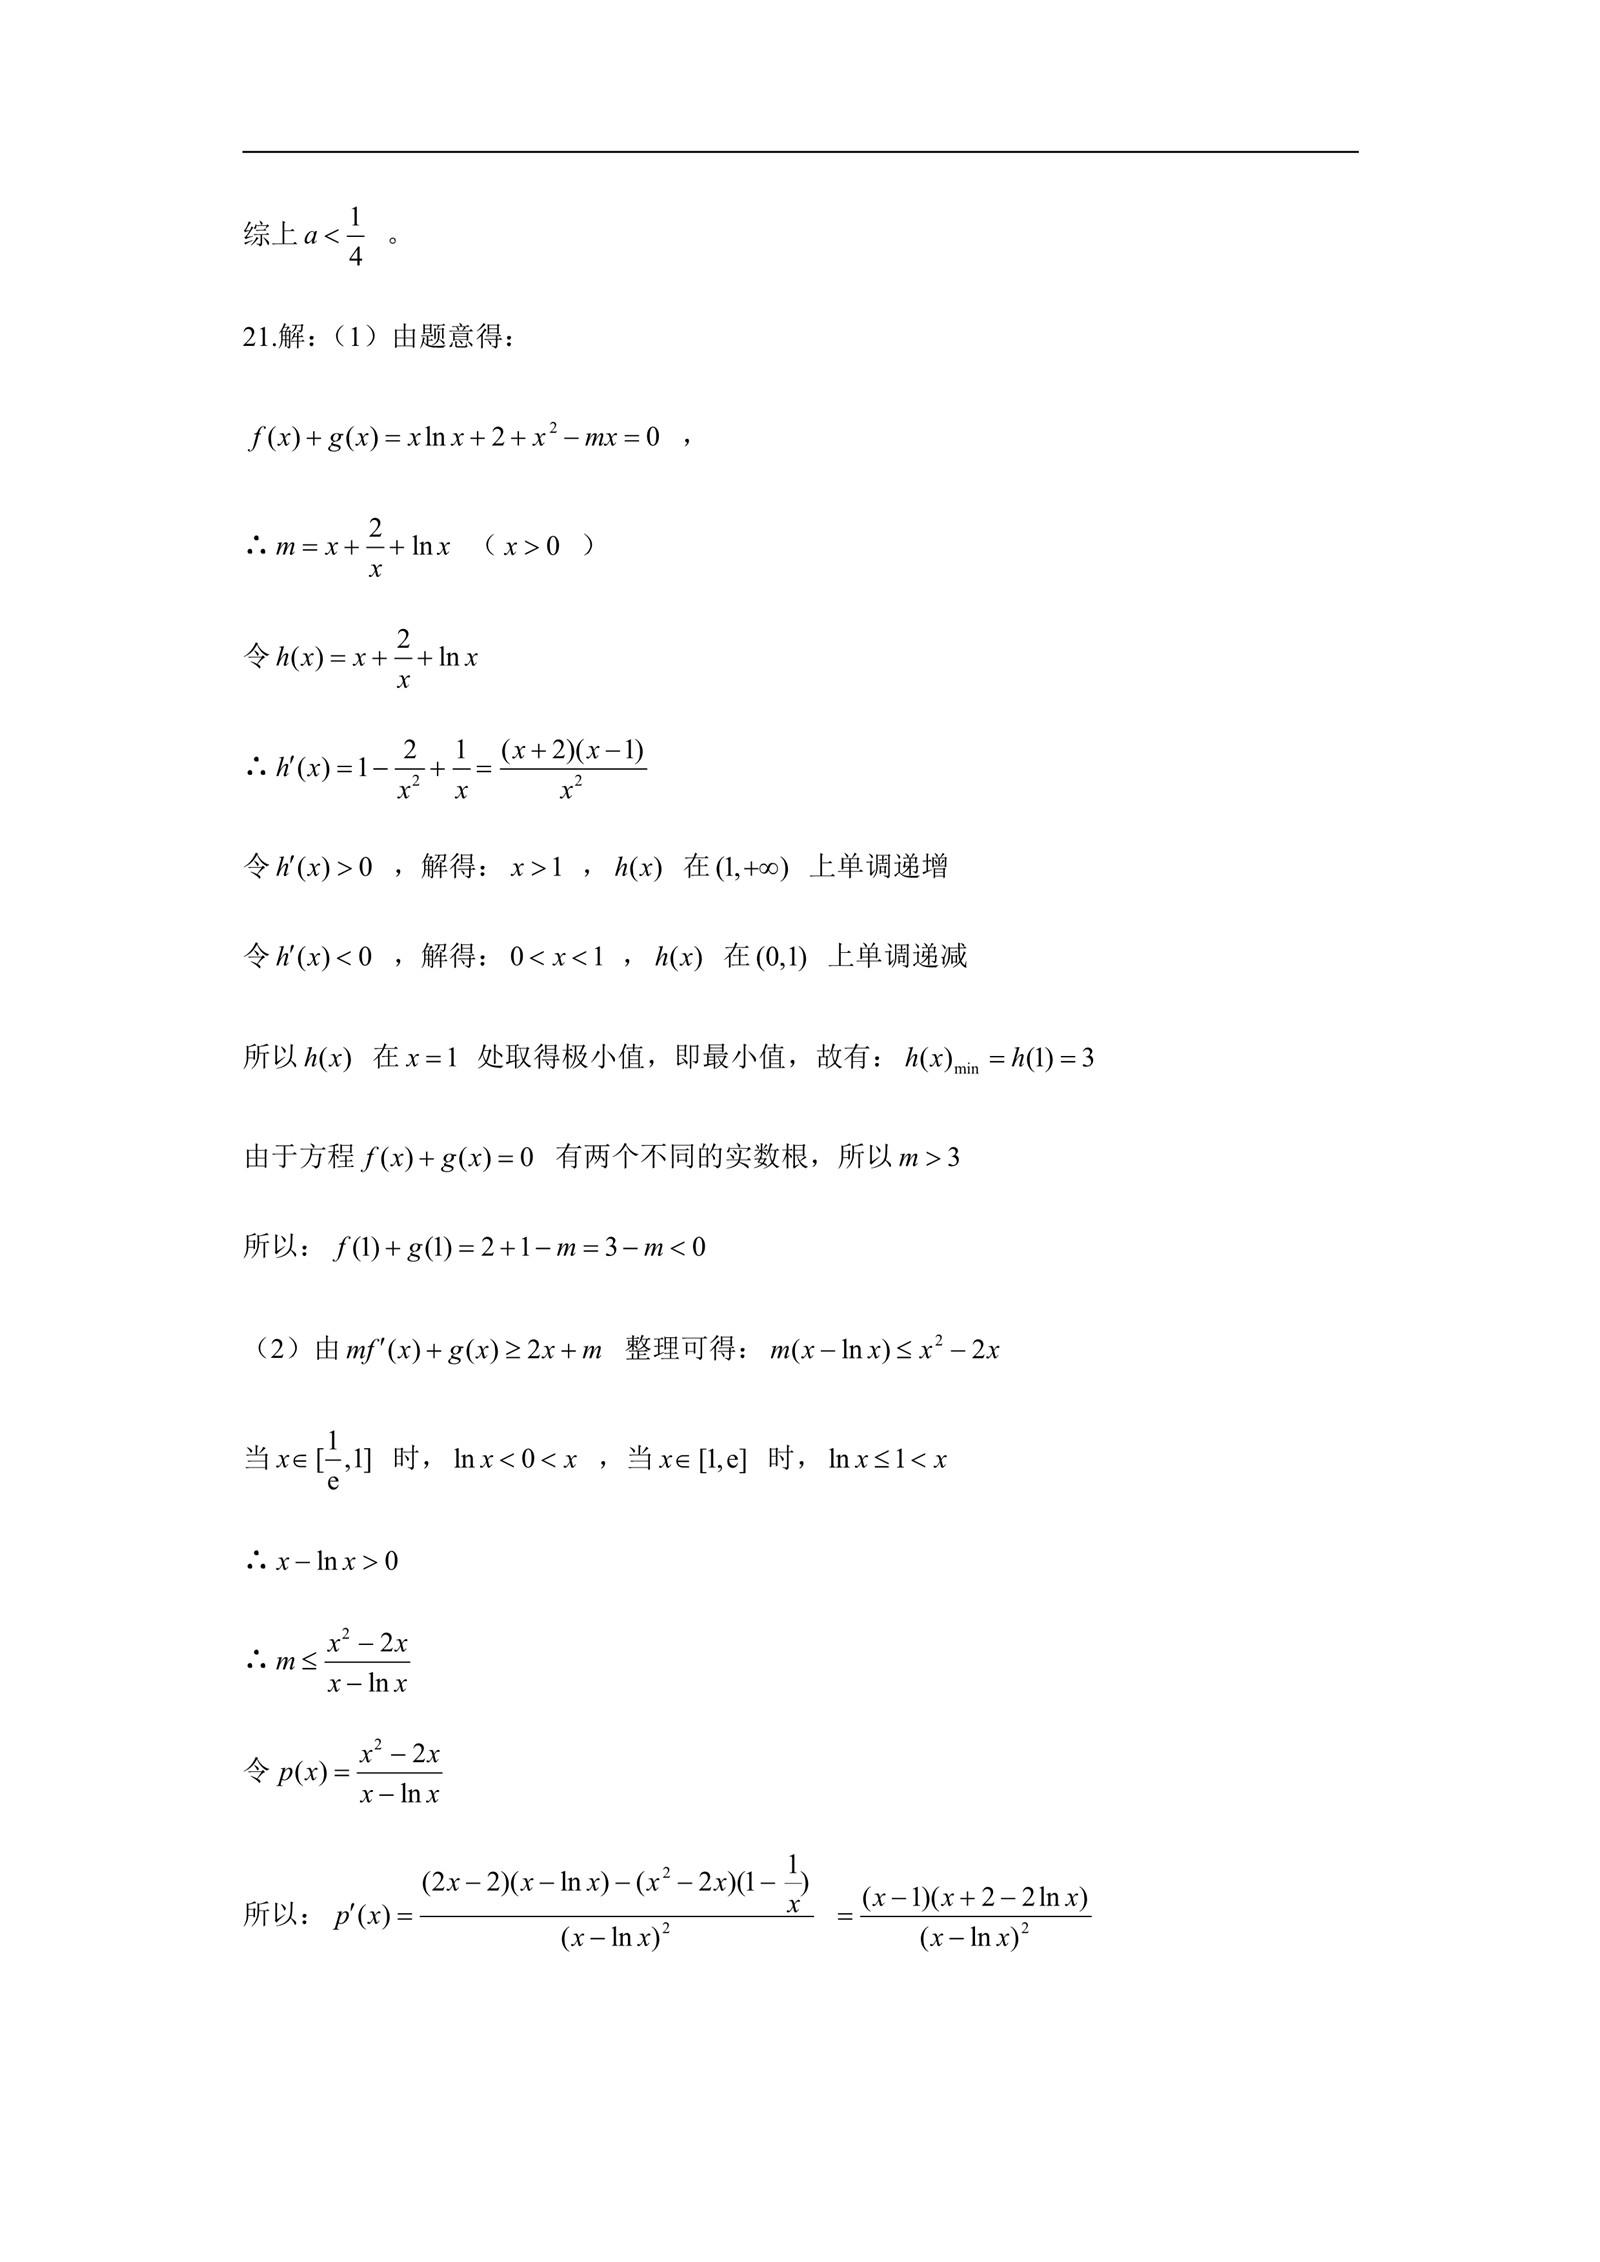 深圳高级中学2018-2019学年高三年级上学期第一次考试数学(理)试卷及答案_9.jpg.jpg